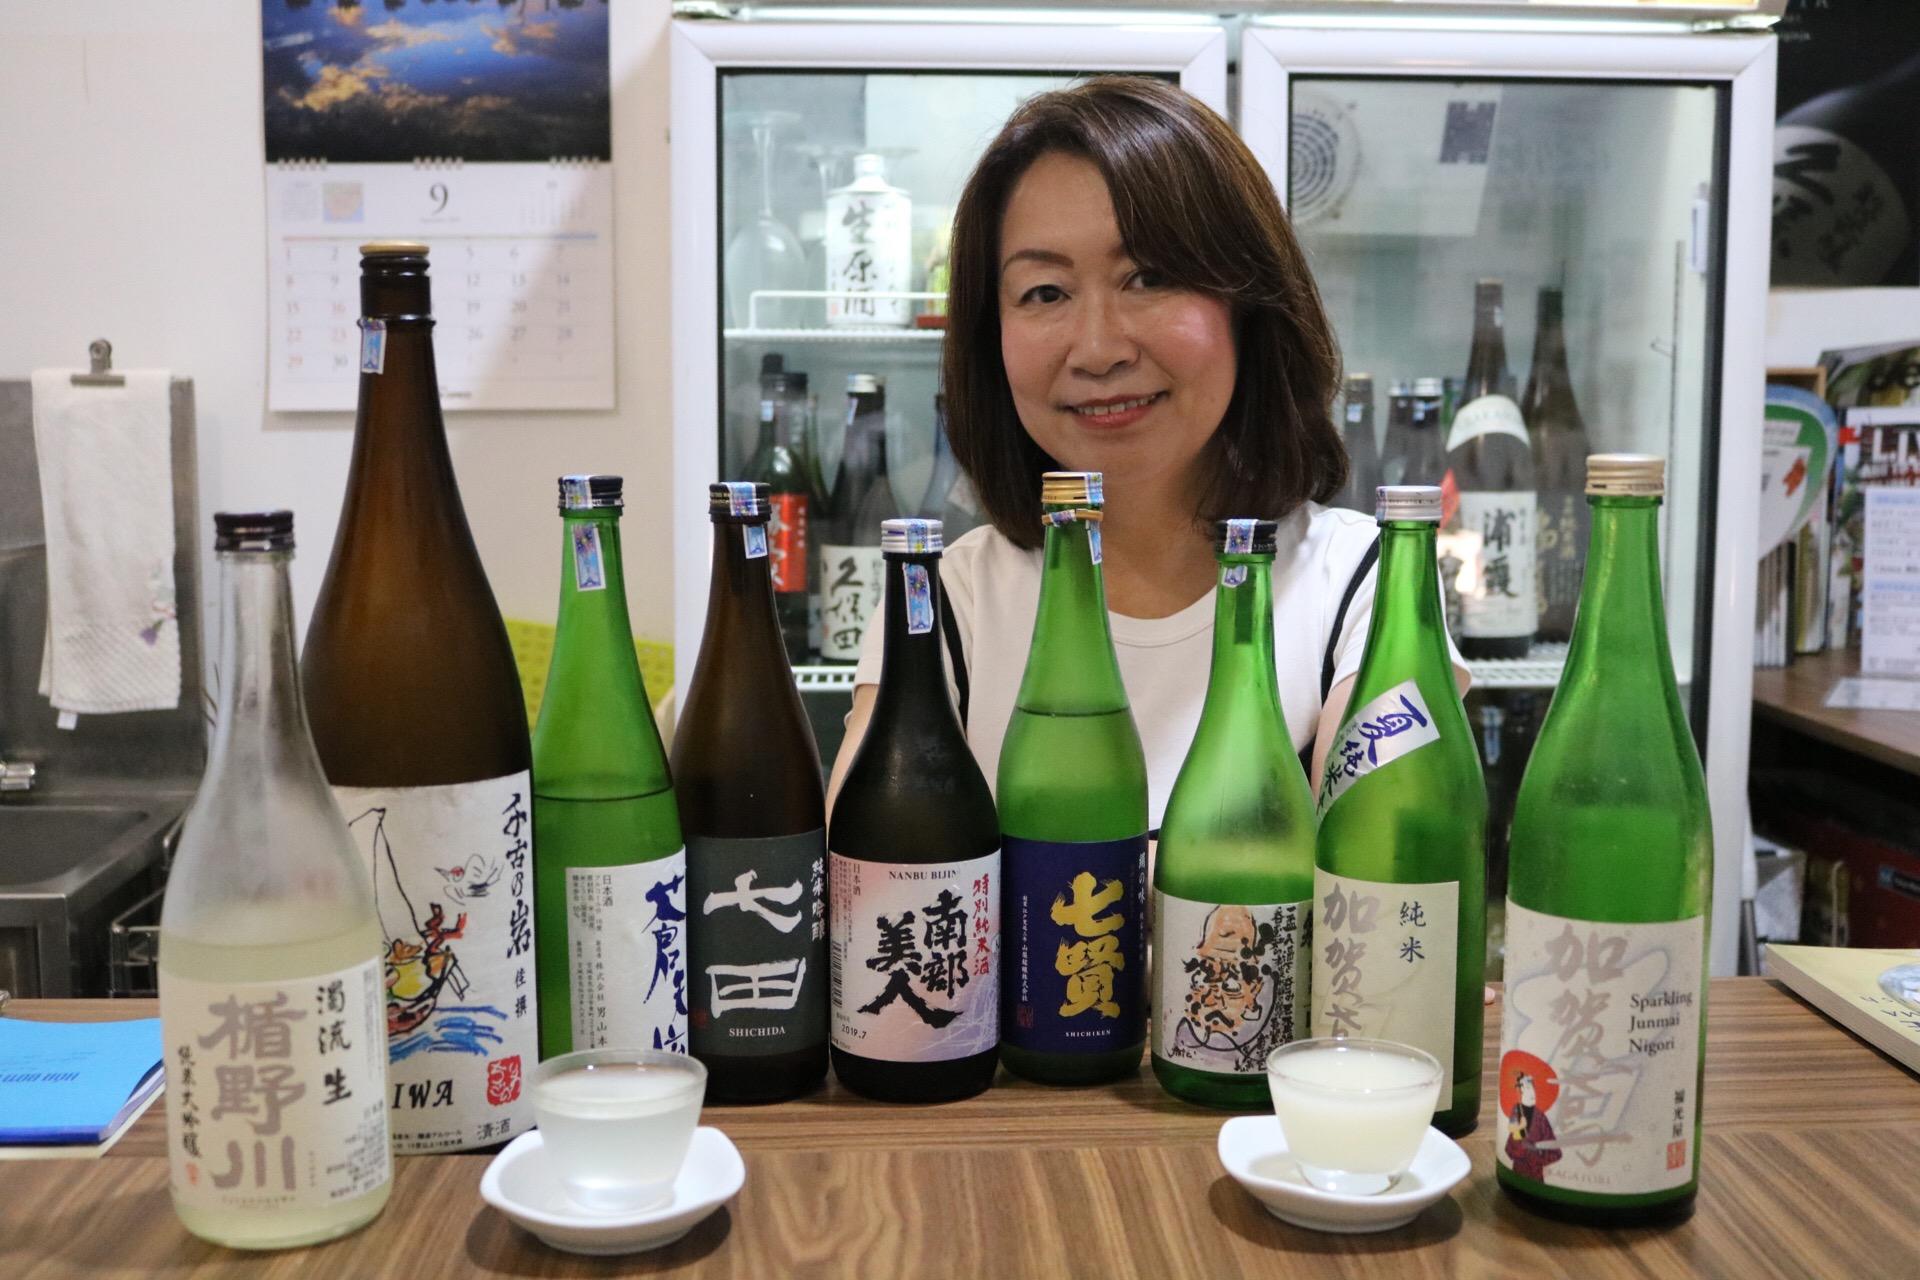 ベトナムで酒・日本酒の魅力を発信するBAR|日本酒で乾杯インタビュー